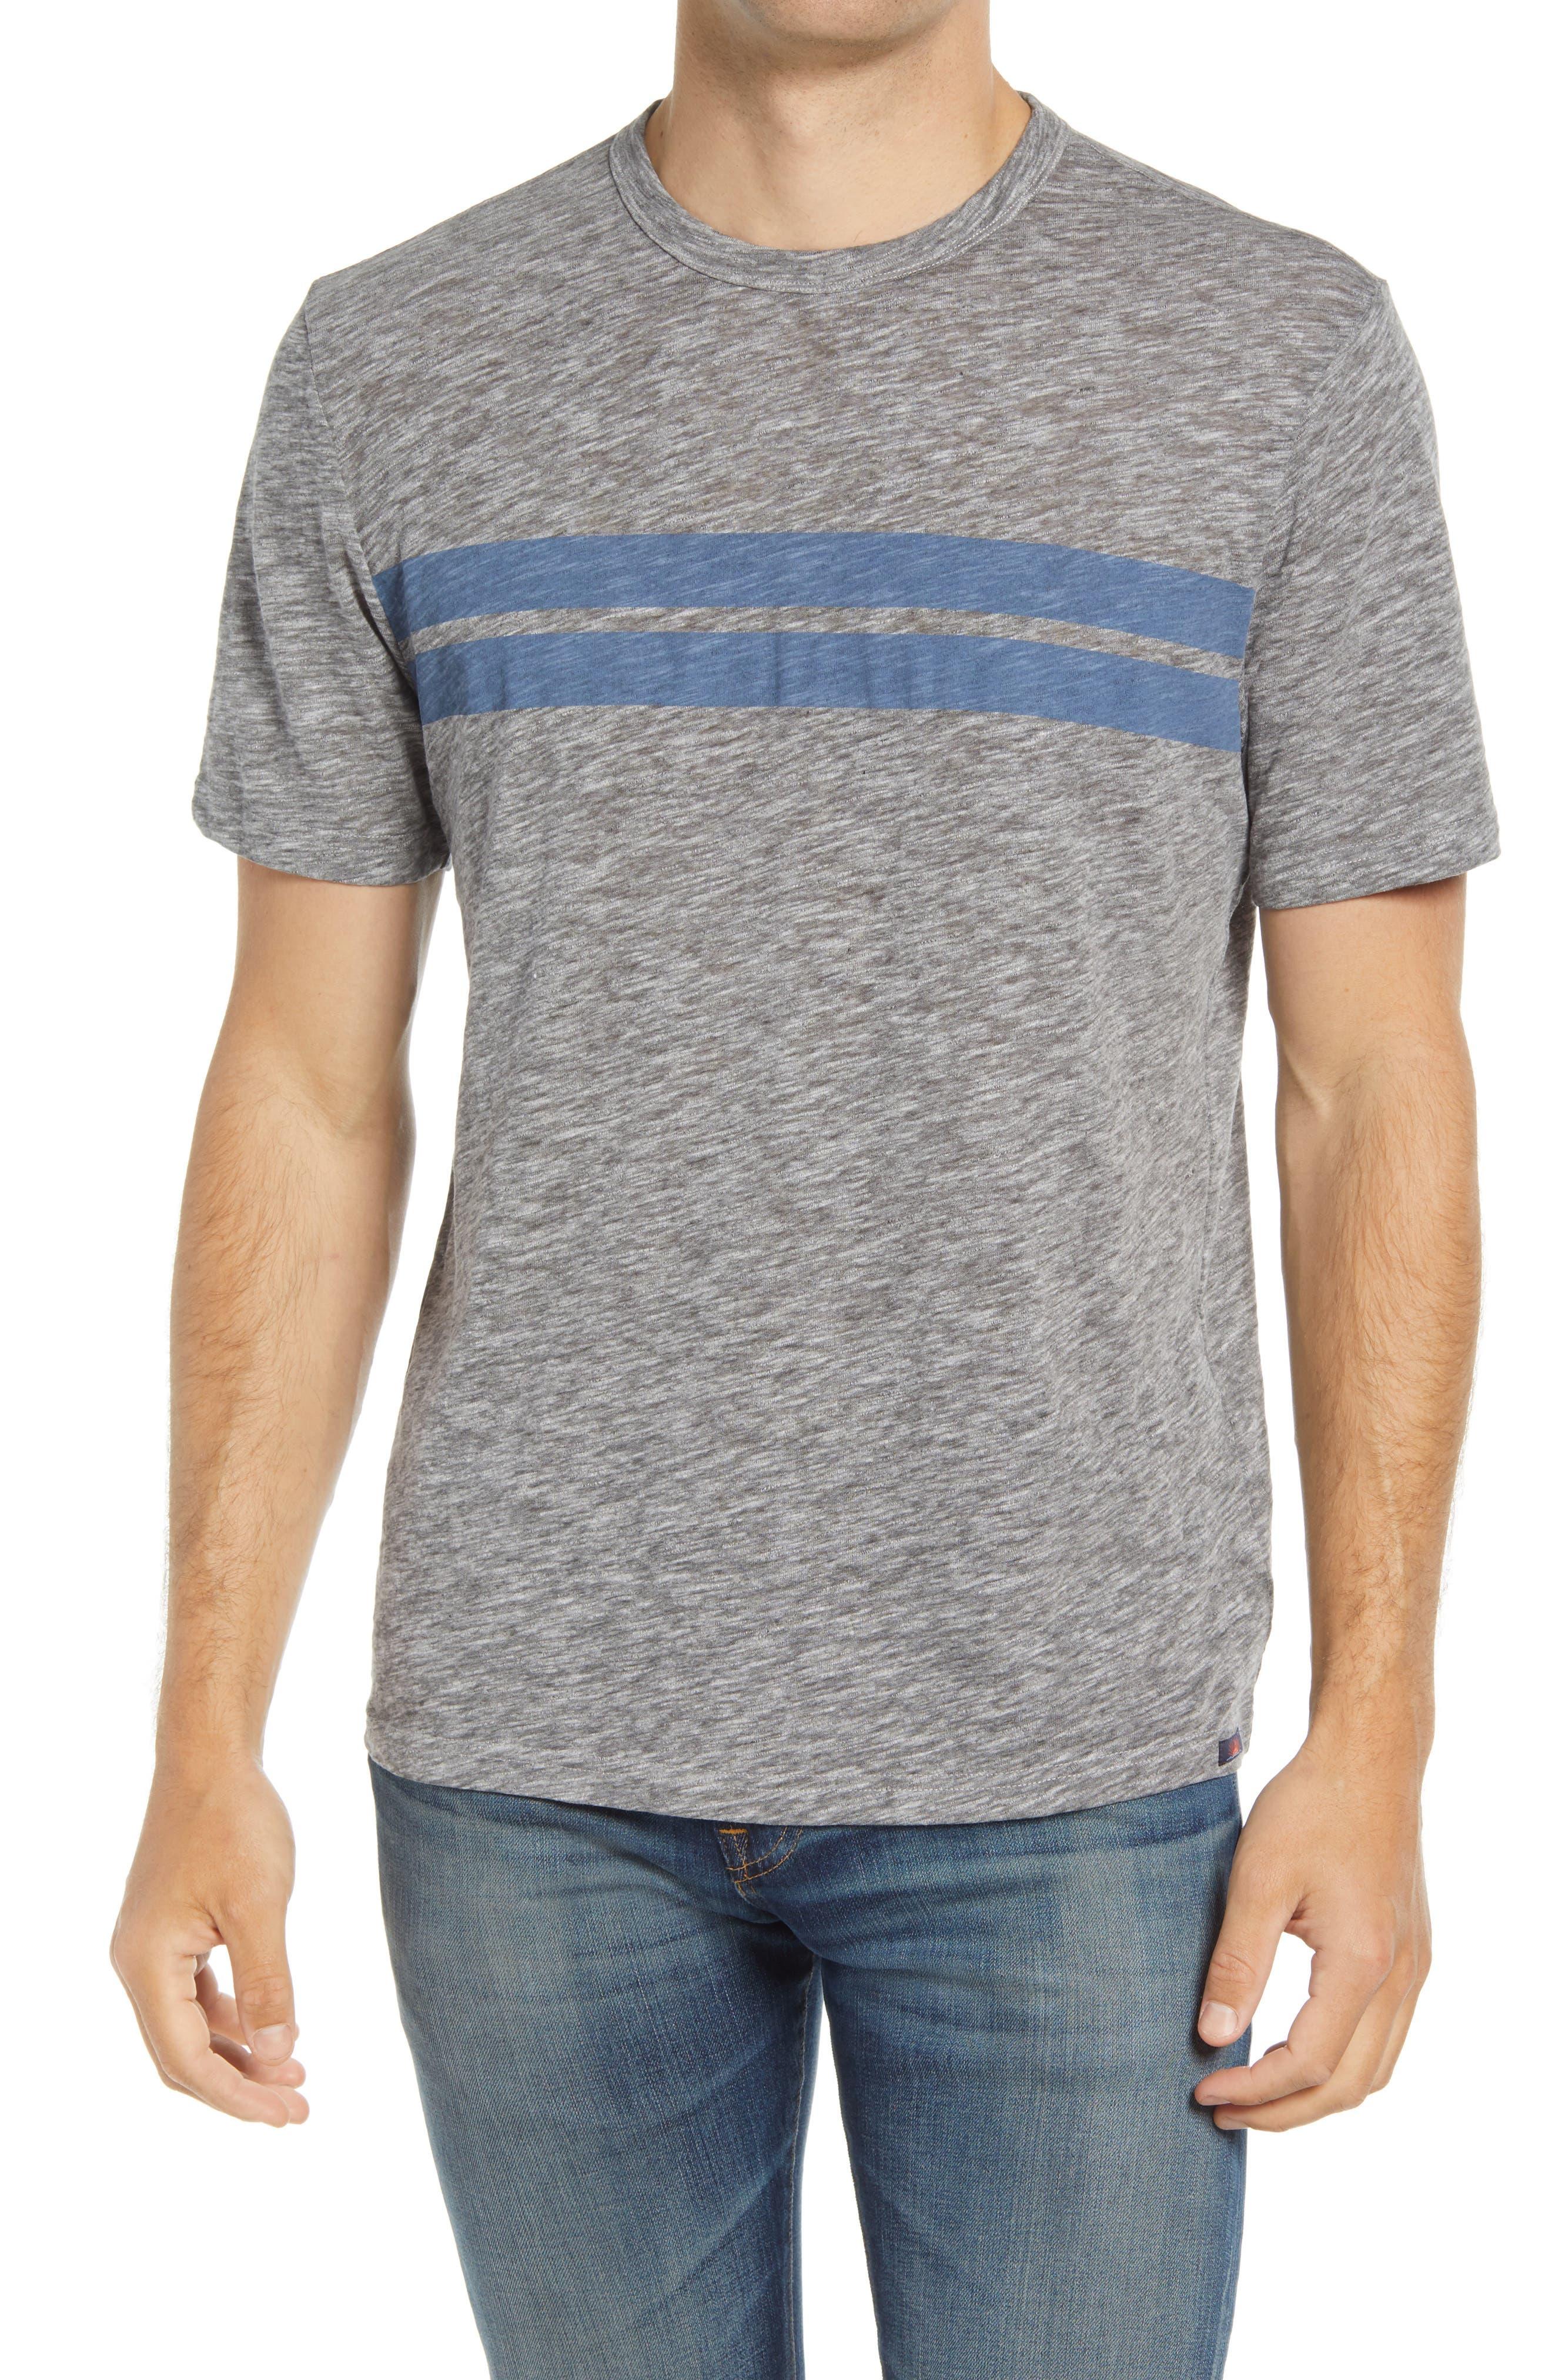 Twin Stripe Slub T-Shirt